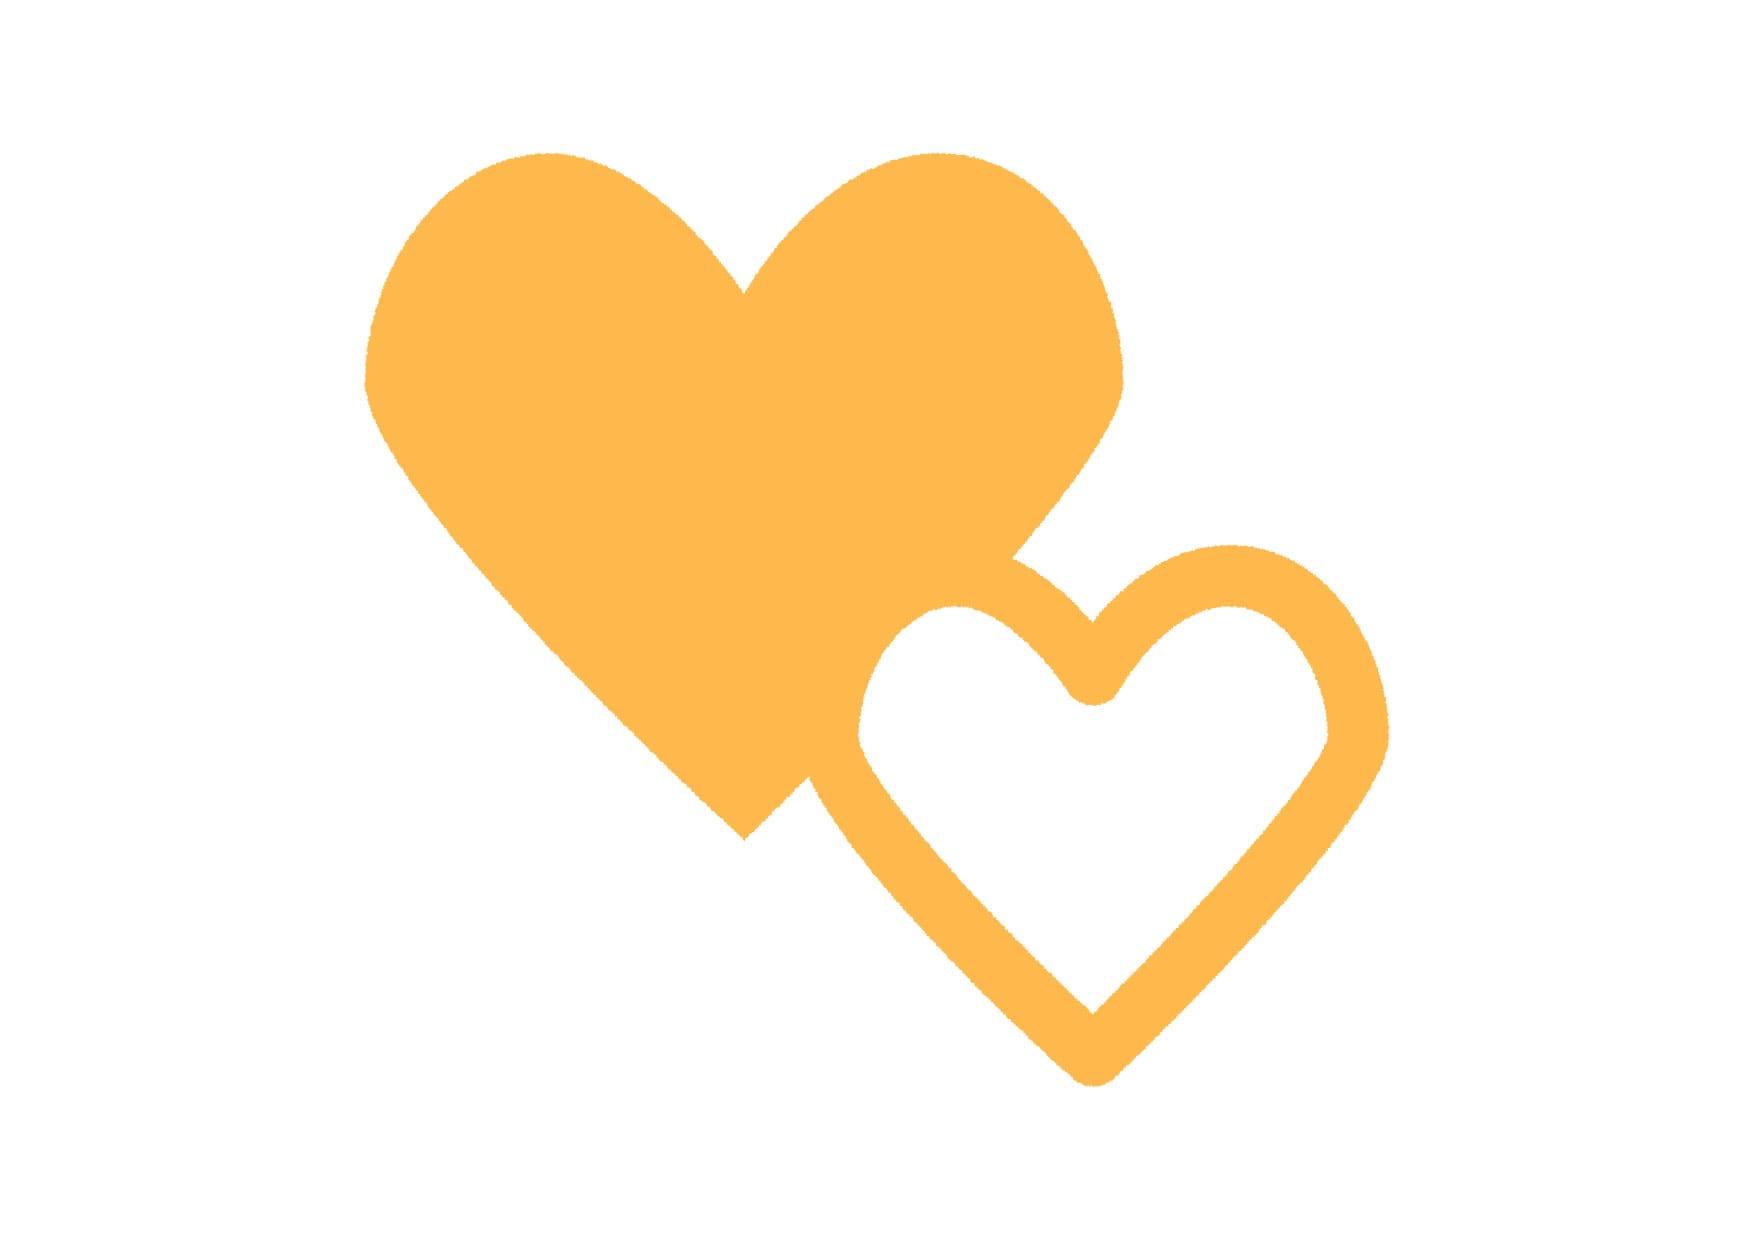 可愛いイラスト|ハートマーク 黄色 − free illustration  Heart mark yellow